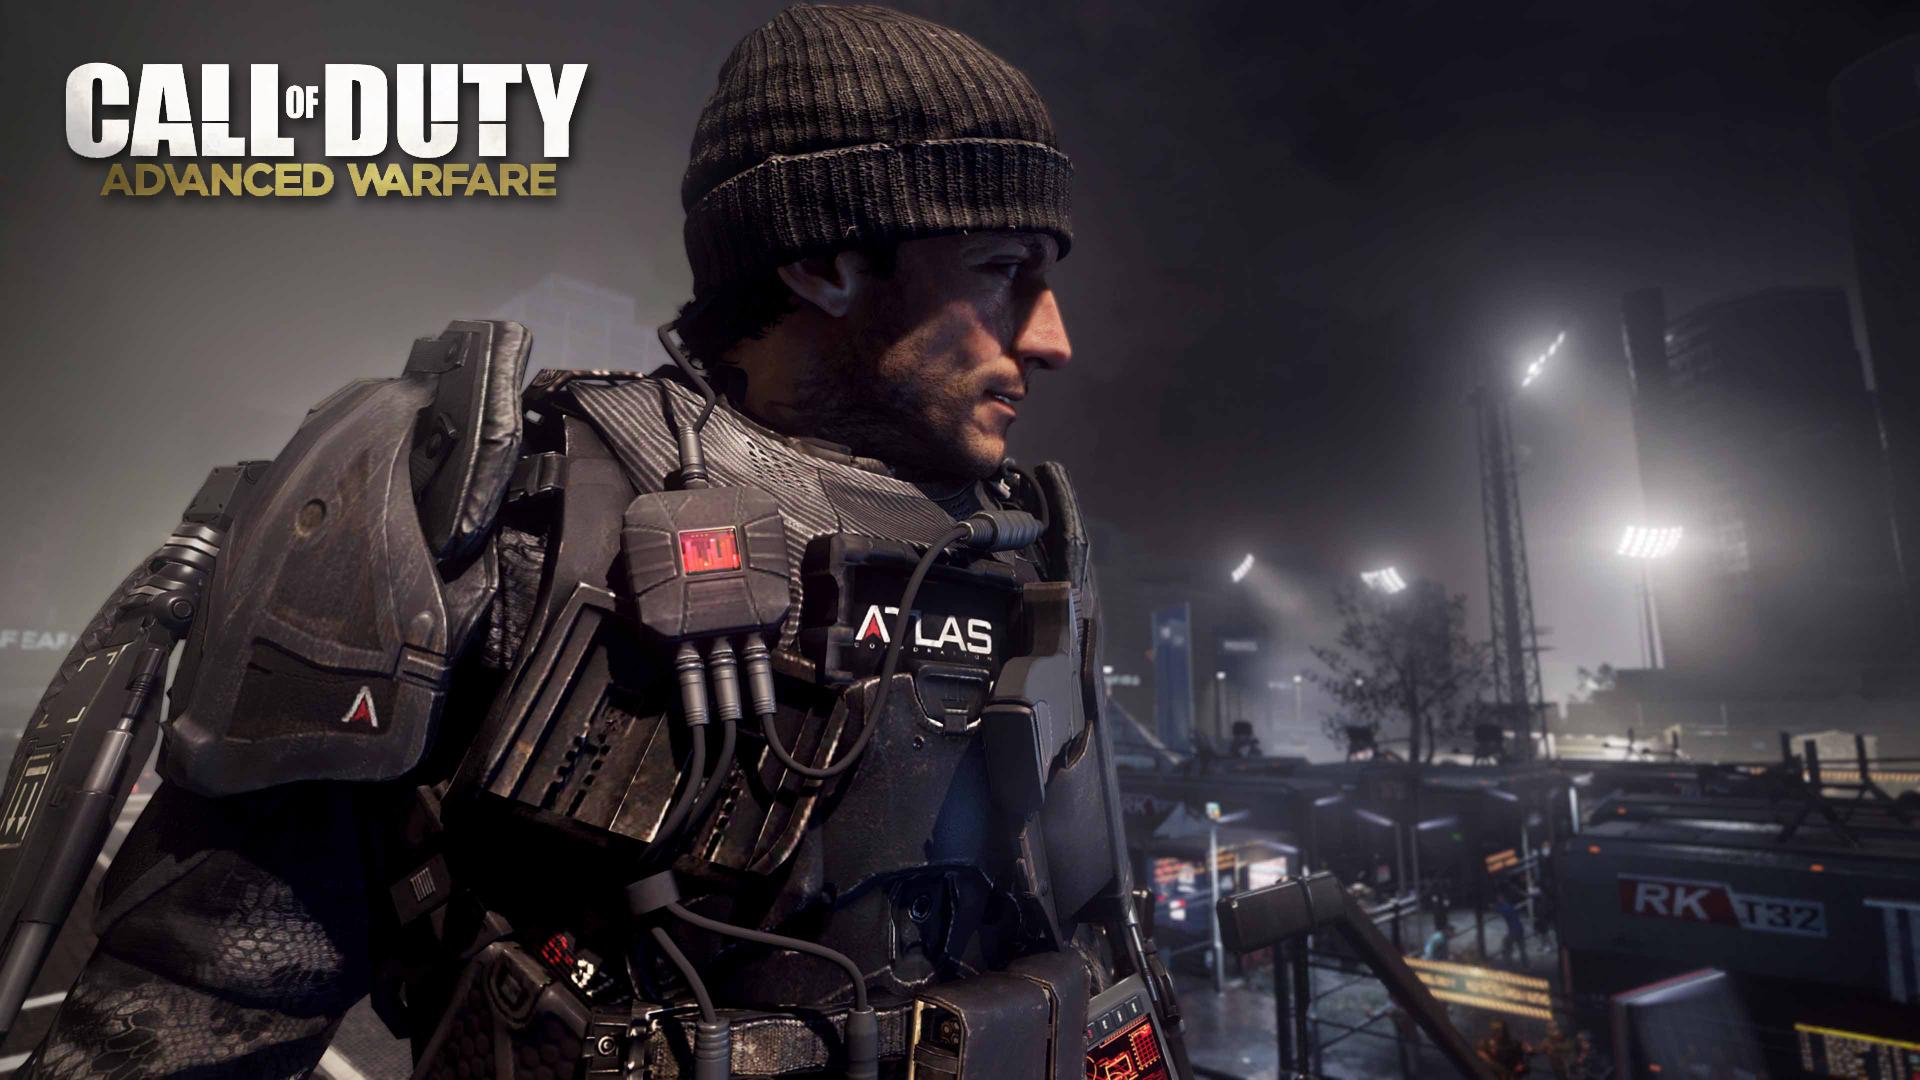 Call of Duty Advanced Warfare: Las 10 claves del primer avance